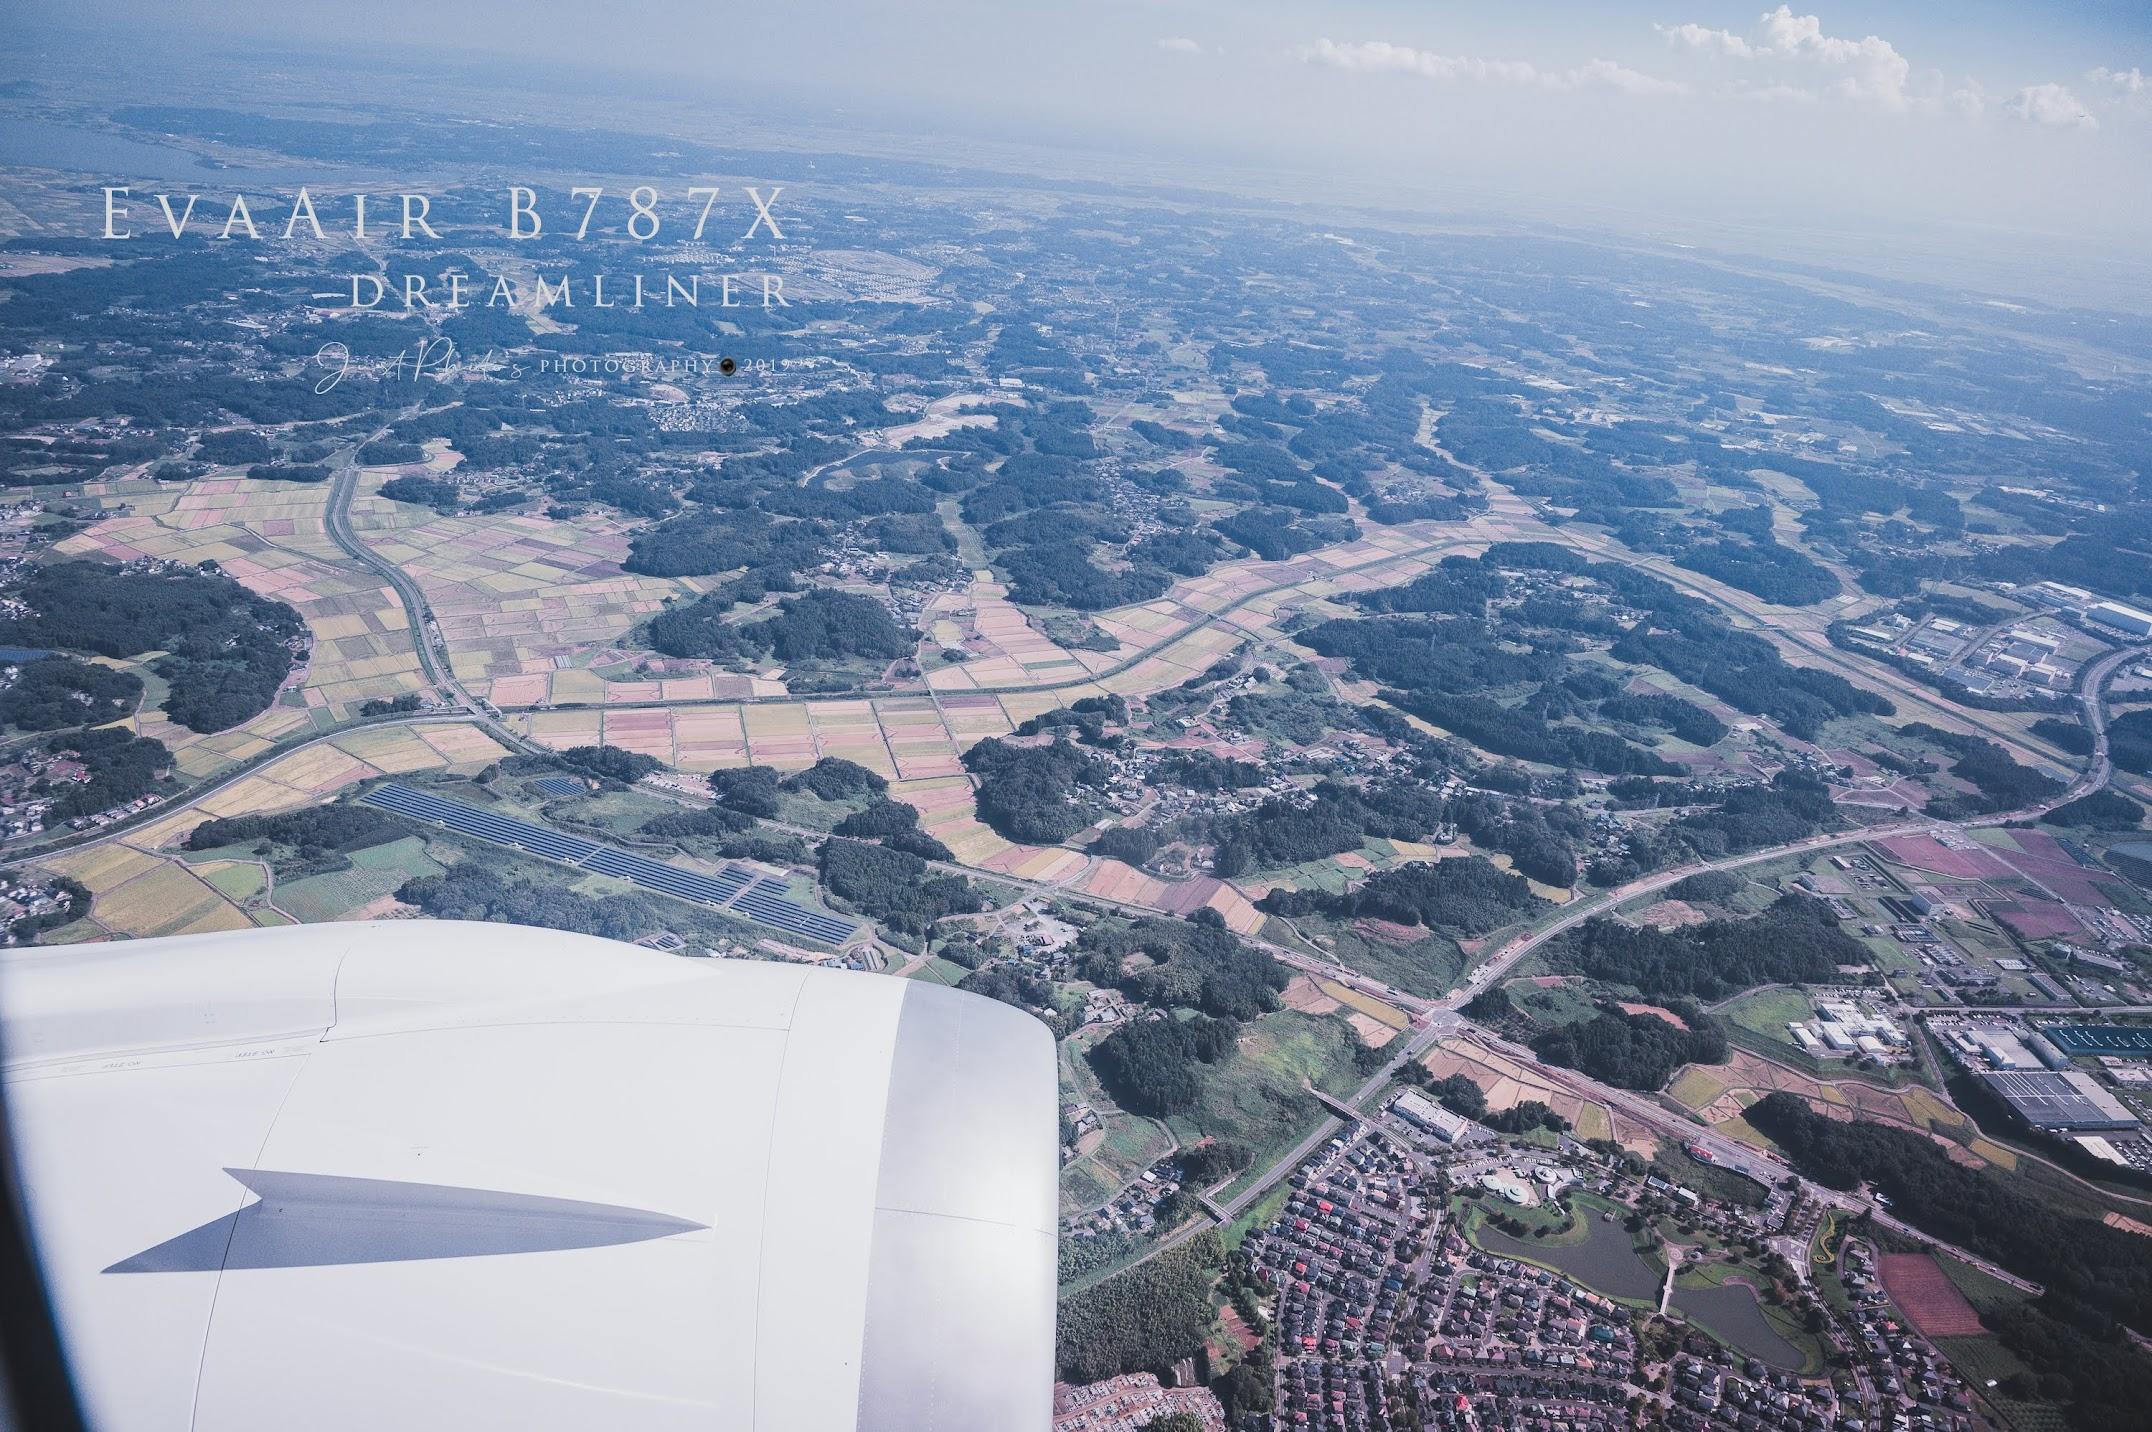 即將降落東京成田機場前,就可以看到一整片成田機場附近的農地。